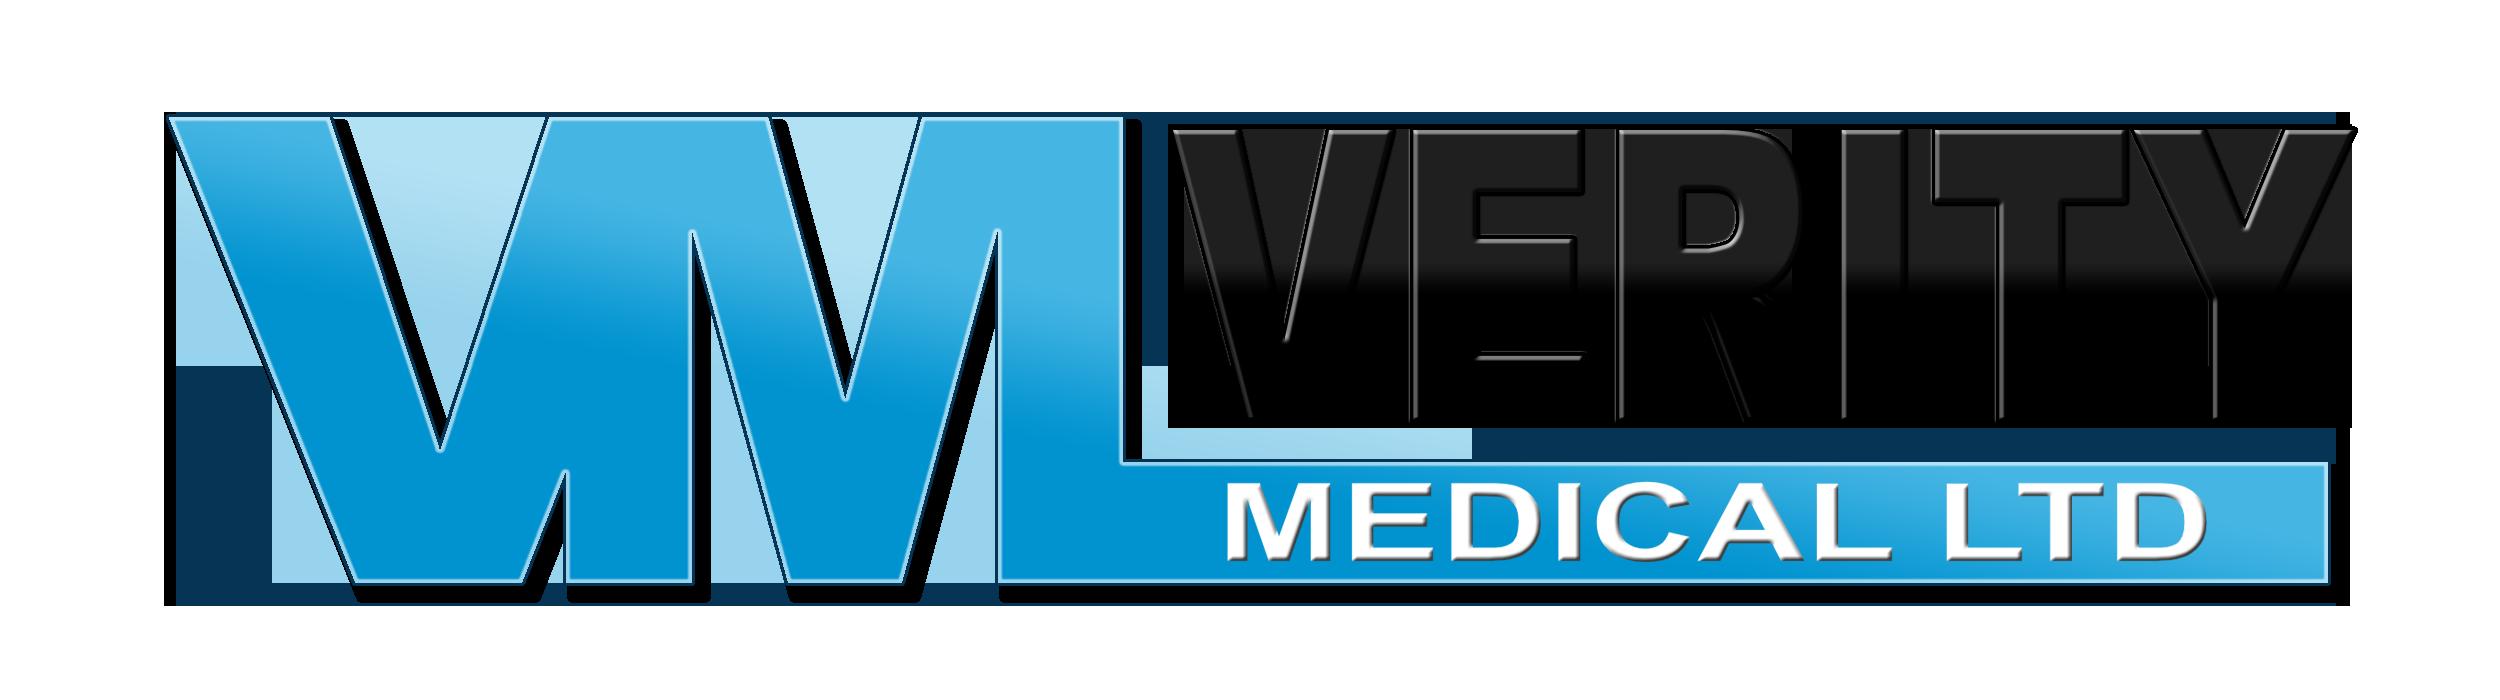 VerityMedicalLogo-2 - Verity Medical